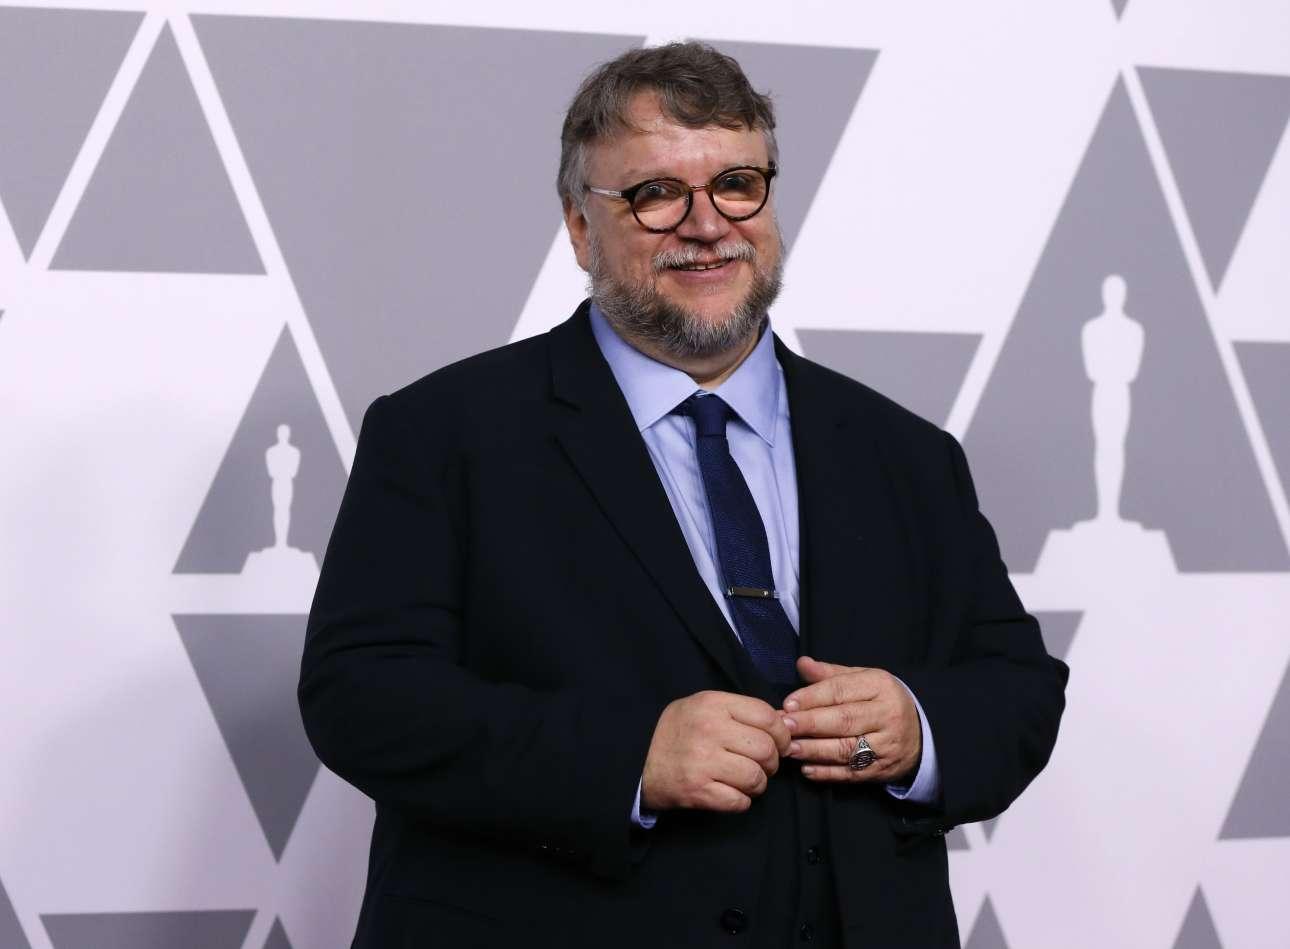 Ο Γκιγιέρμο ντελ Τόρο, υποψήφιος τόσο για Οσκαρ σκηνοθεσίας όσο και για Καλύτερης Ταινίας για το φιλμ «Η Μορφή του Νερού»